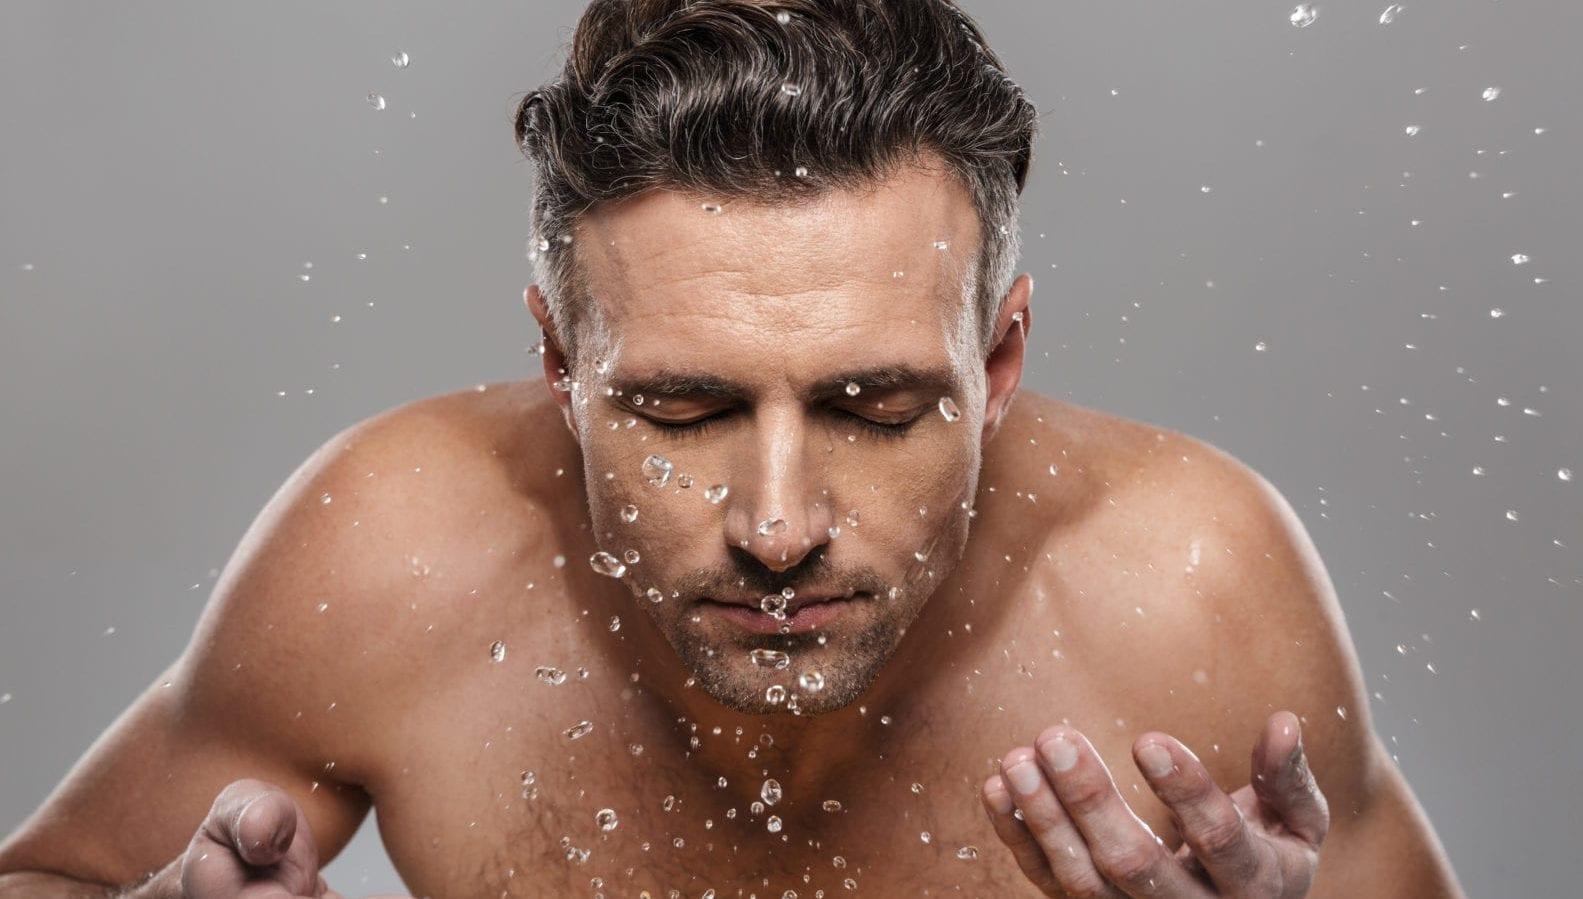 Reinig je huid elke ochtend en avond | man spat water in zijn gezicht | gezicht reinigen